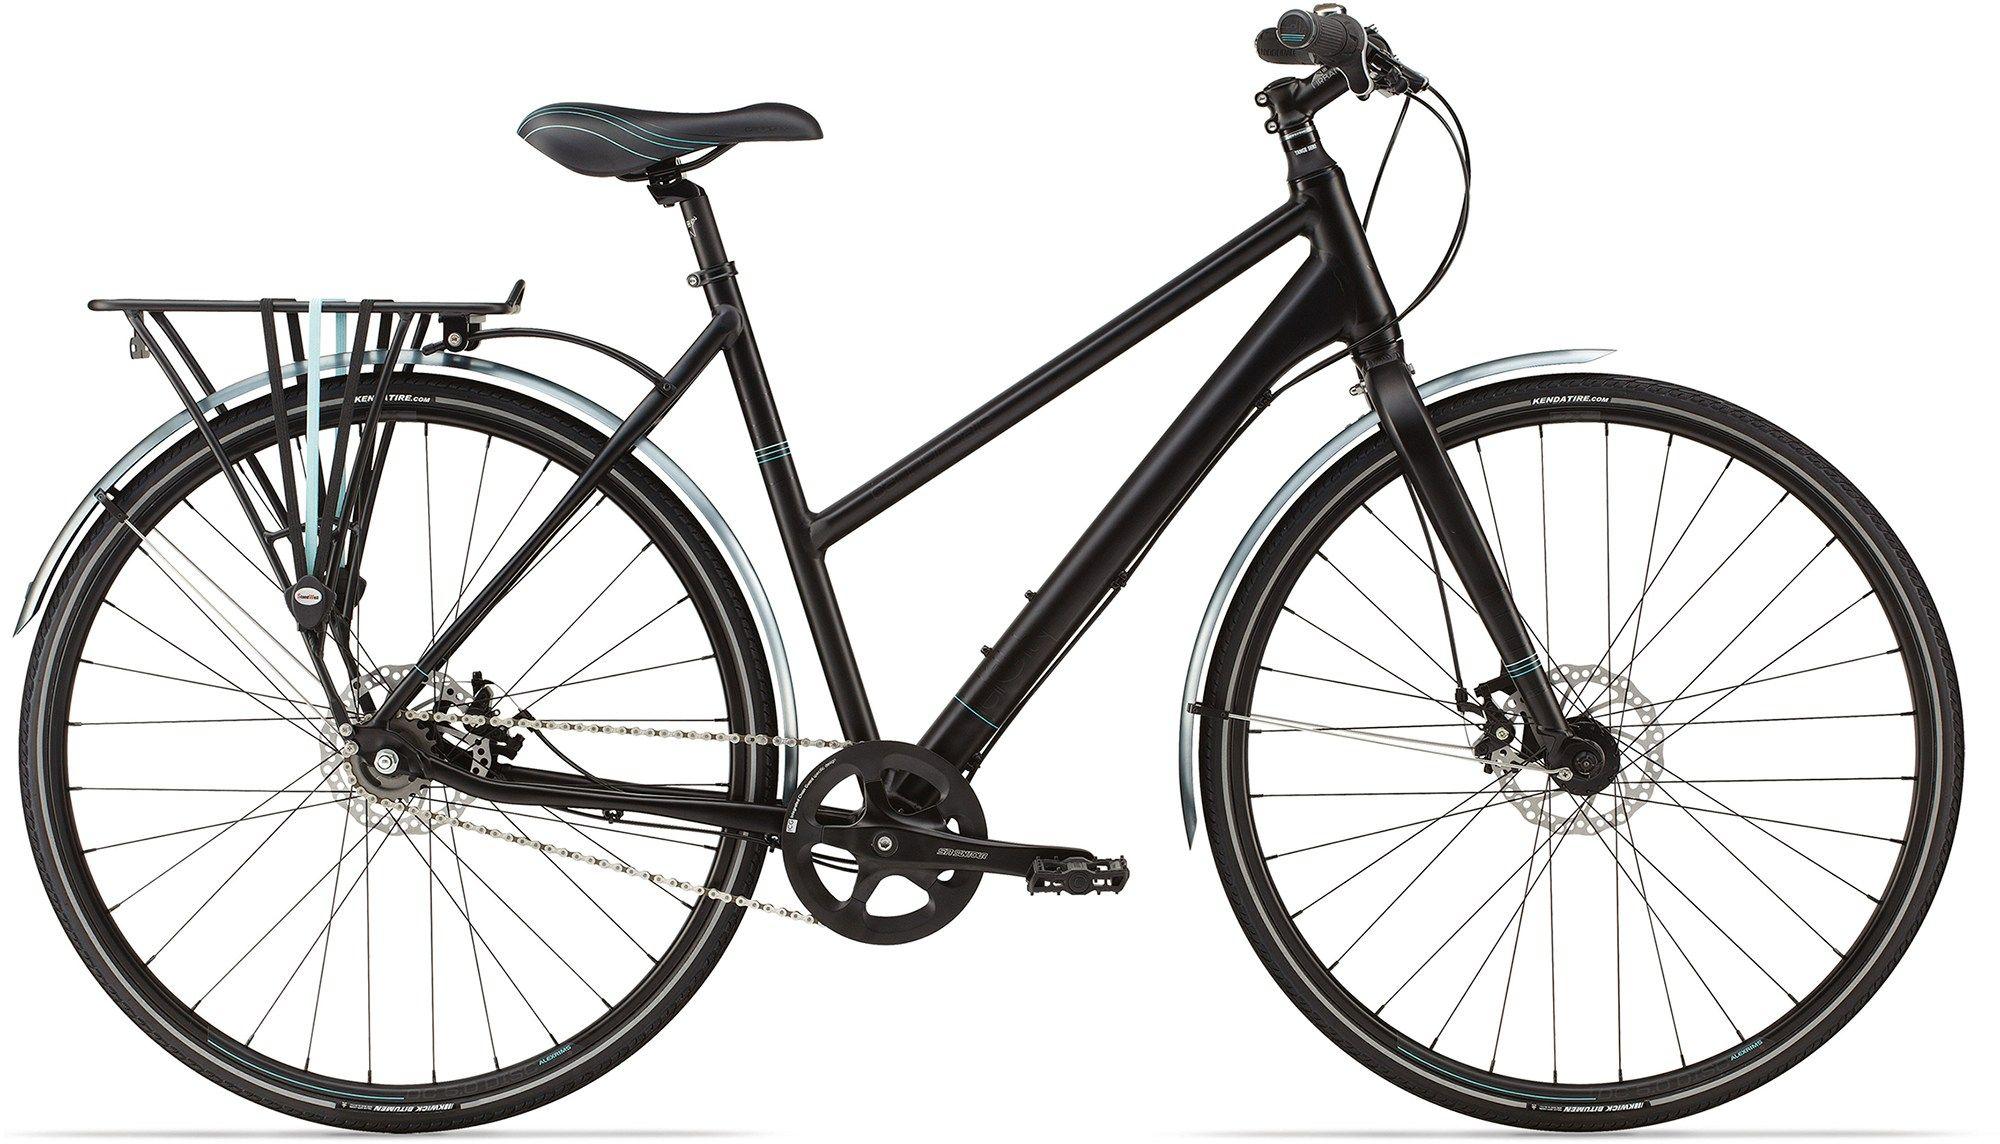 Cannondale Felicity Women's Bike - 2014 - REI.com - $799